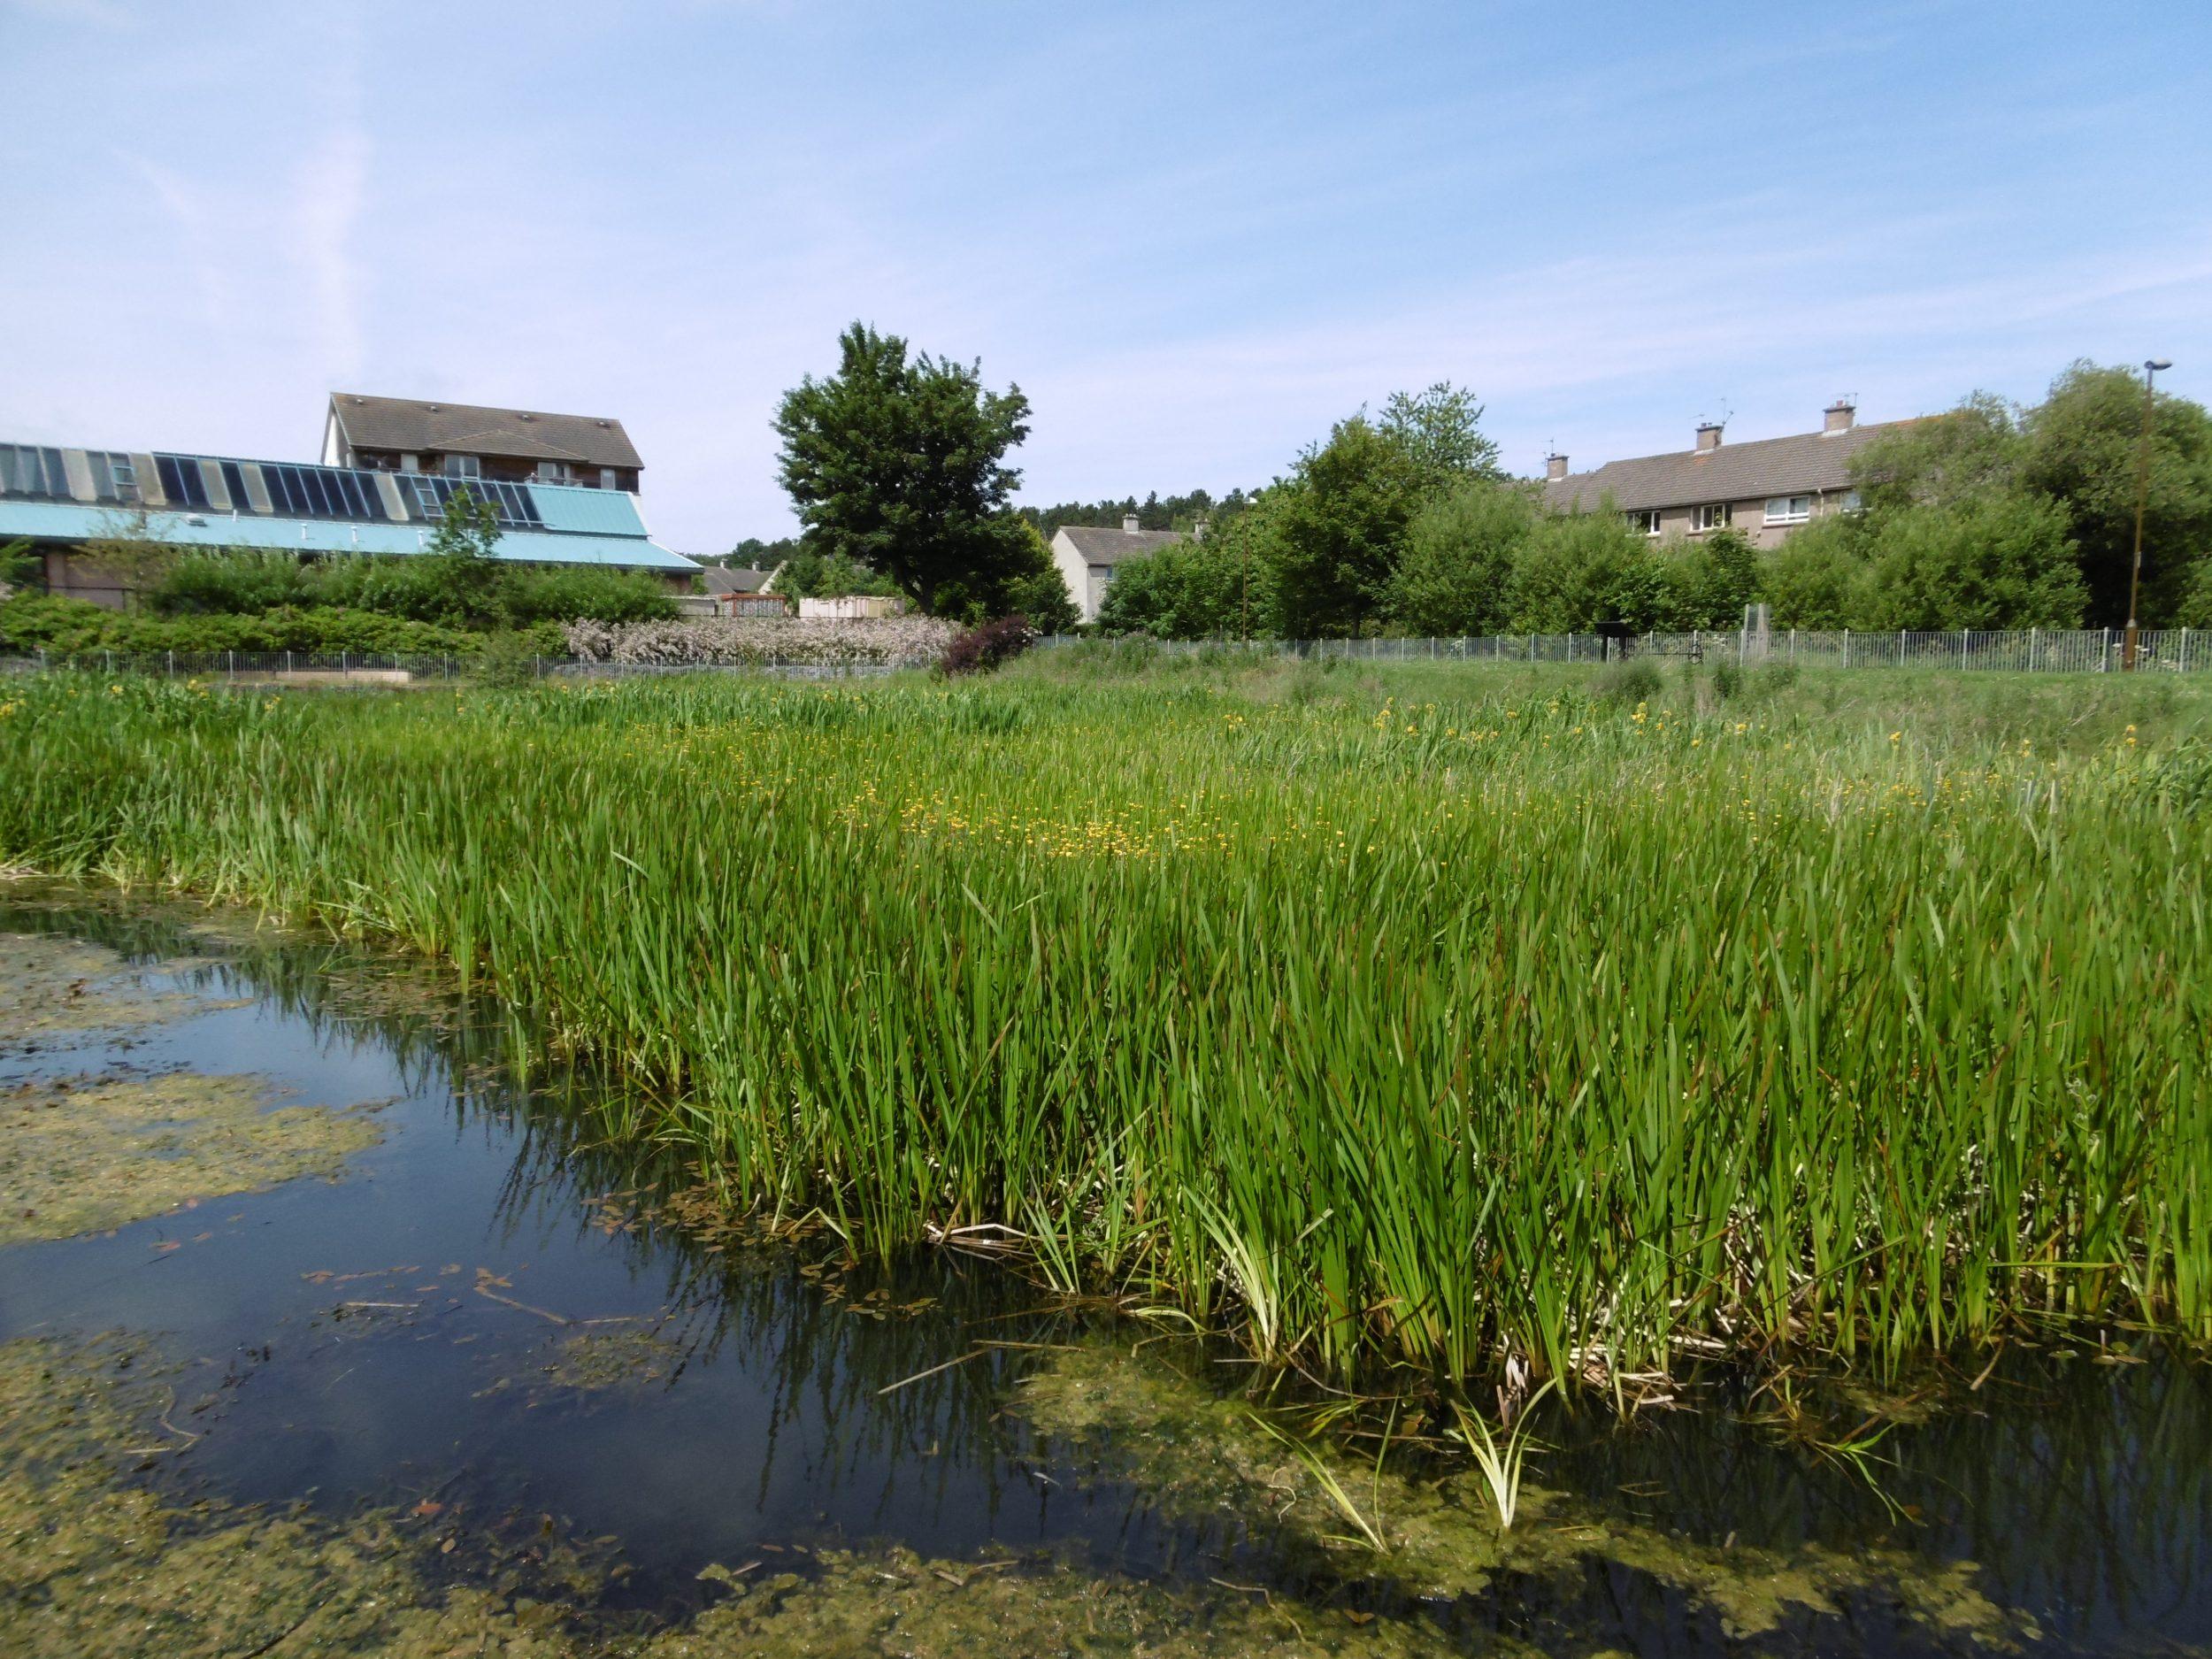 Oxgangs SUDS pool wetland